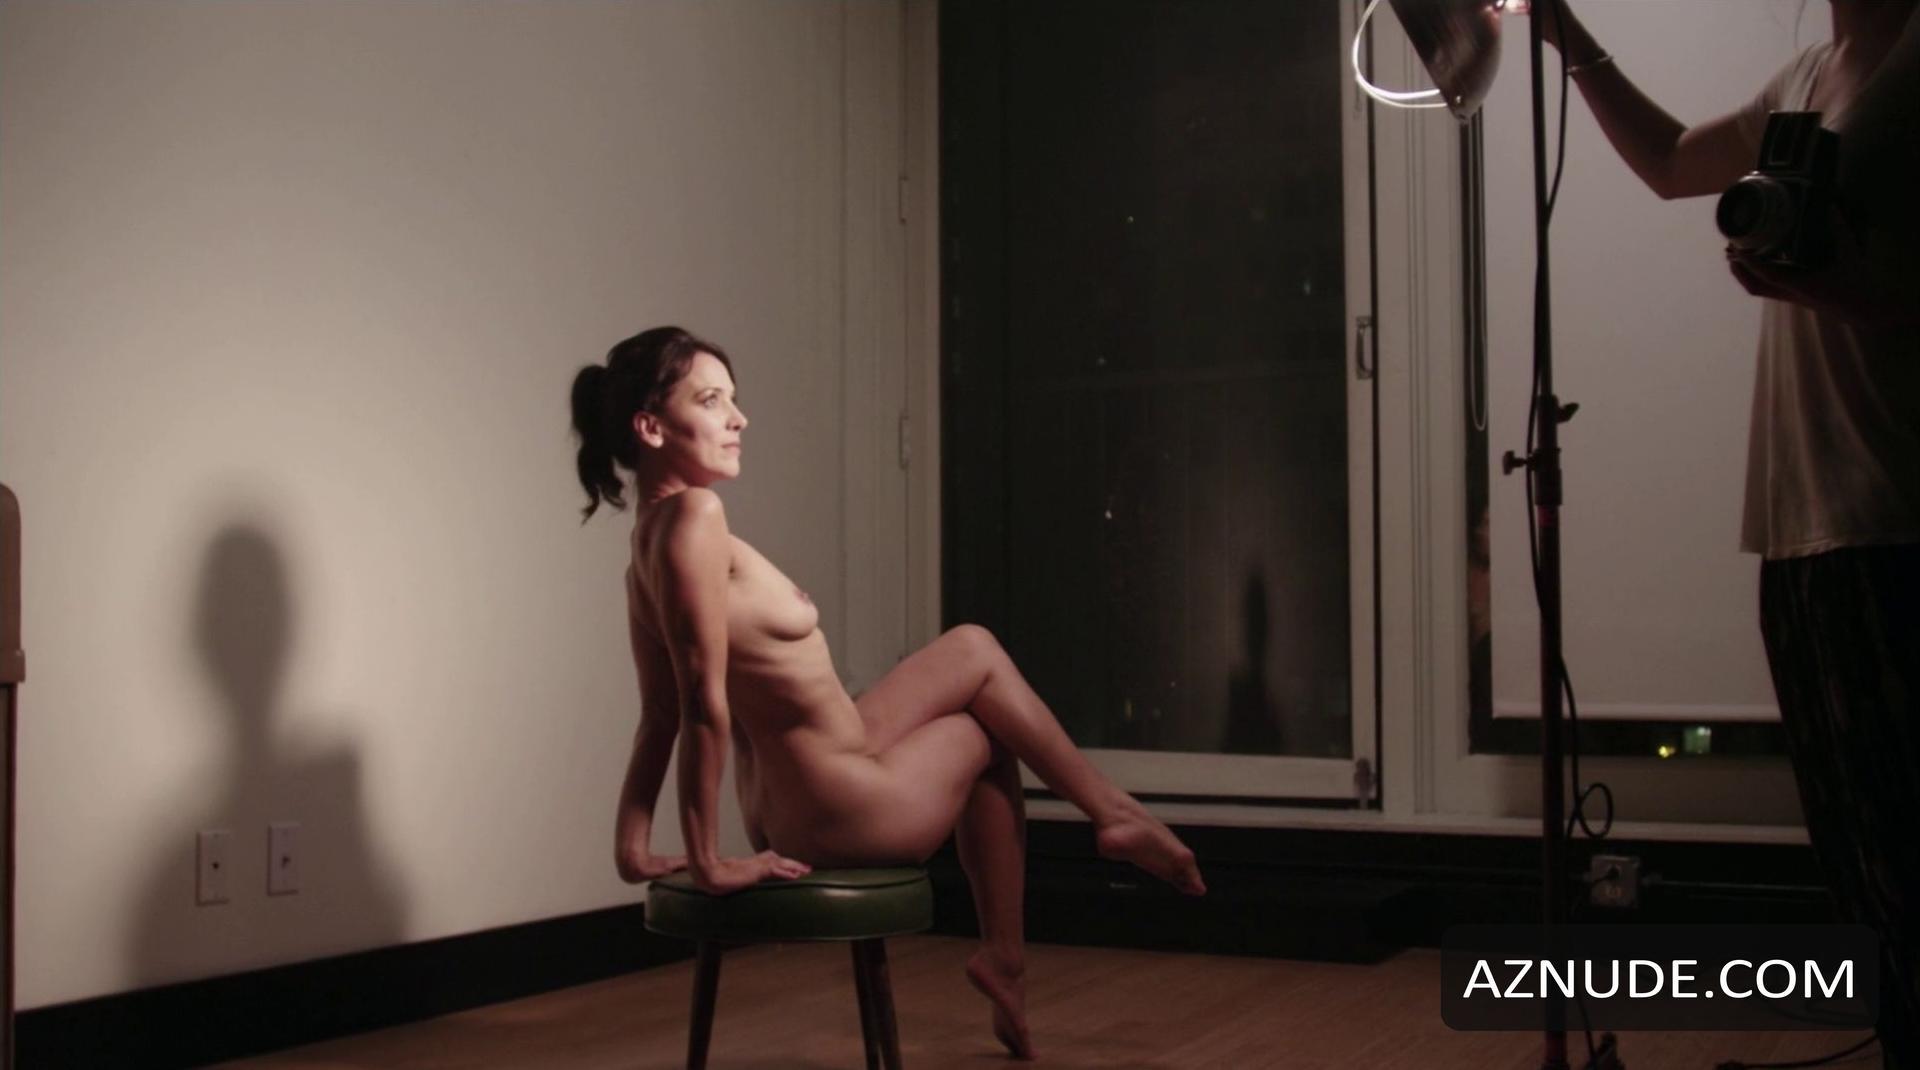 toy nude scenes aznude